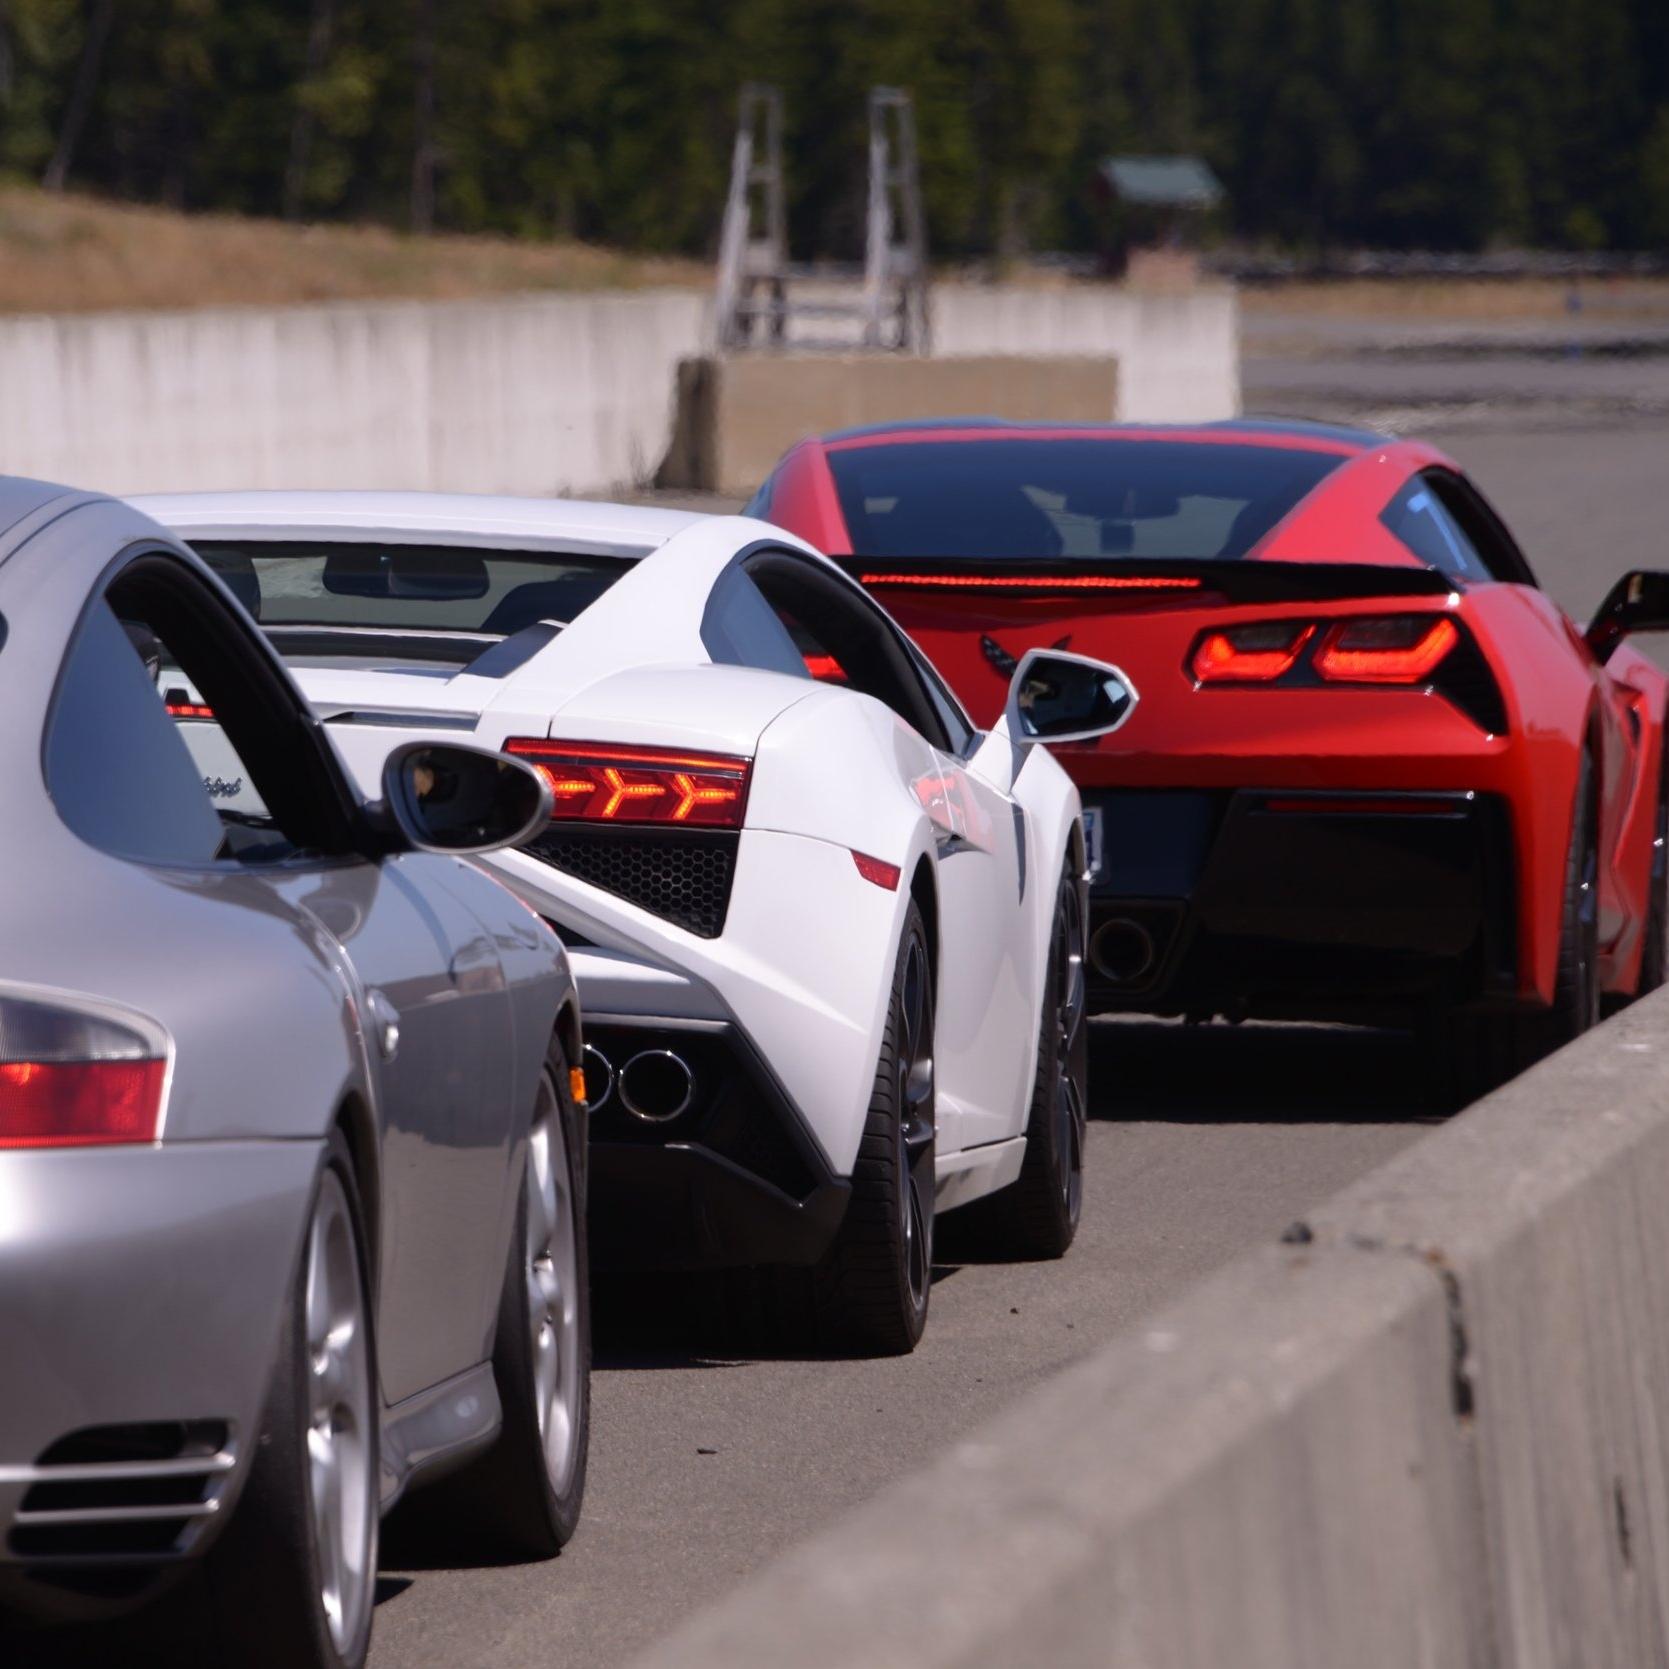 Driver Participation